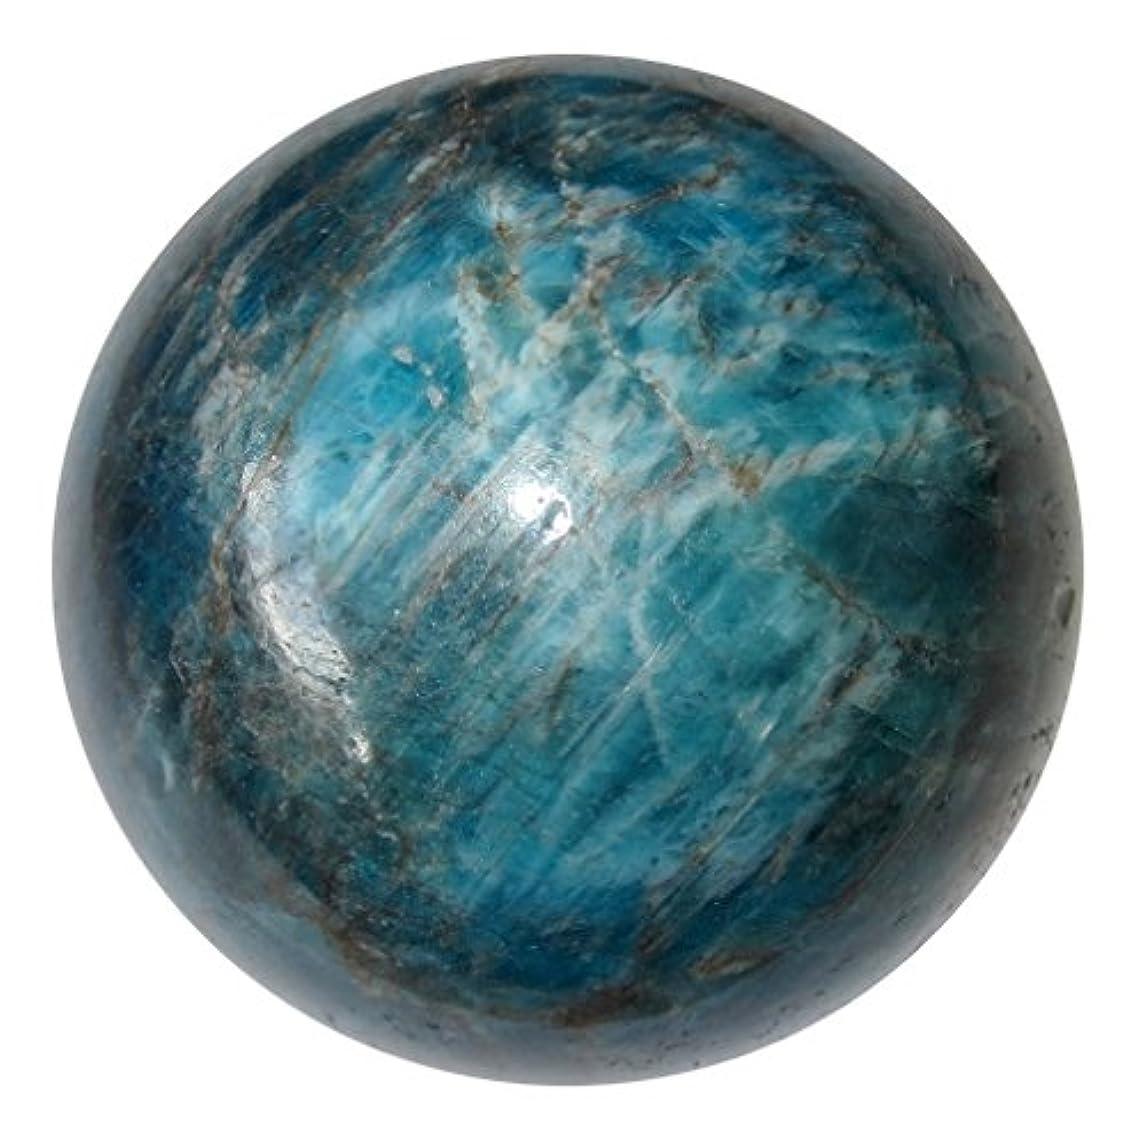 実験セメント千アパタイトボール64ブルーSheenクリスタル健康ダイエットバランスライフスタイルクリスタルエネルギー球2